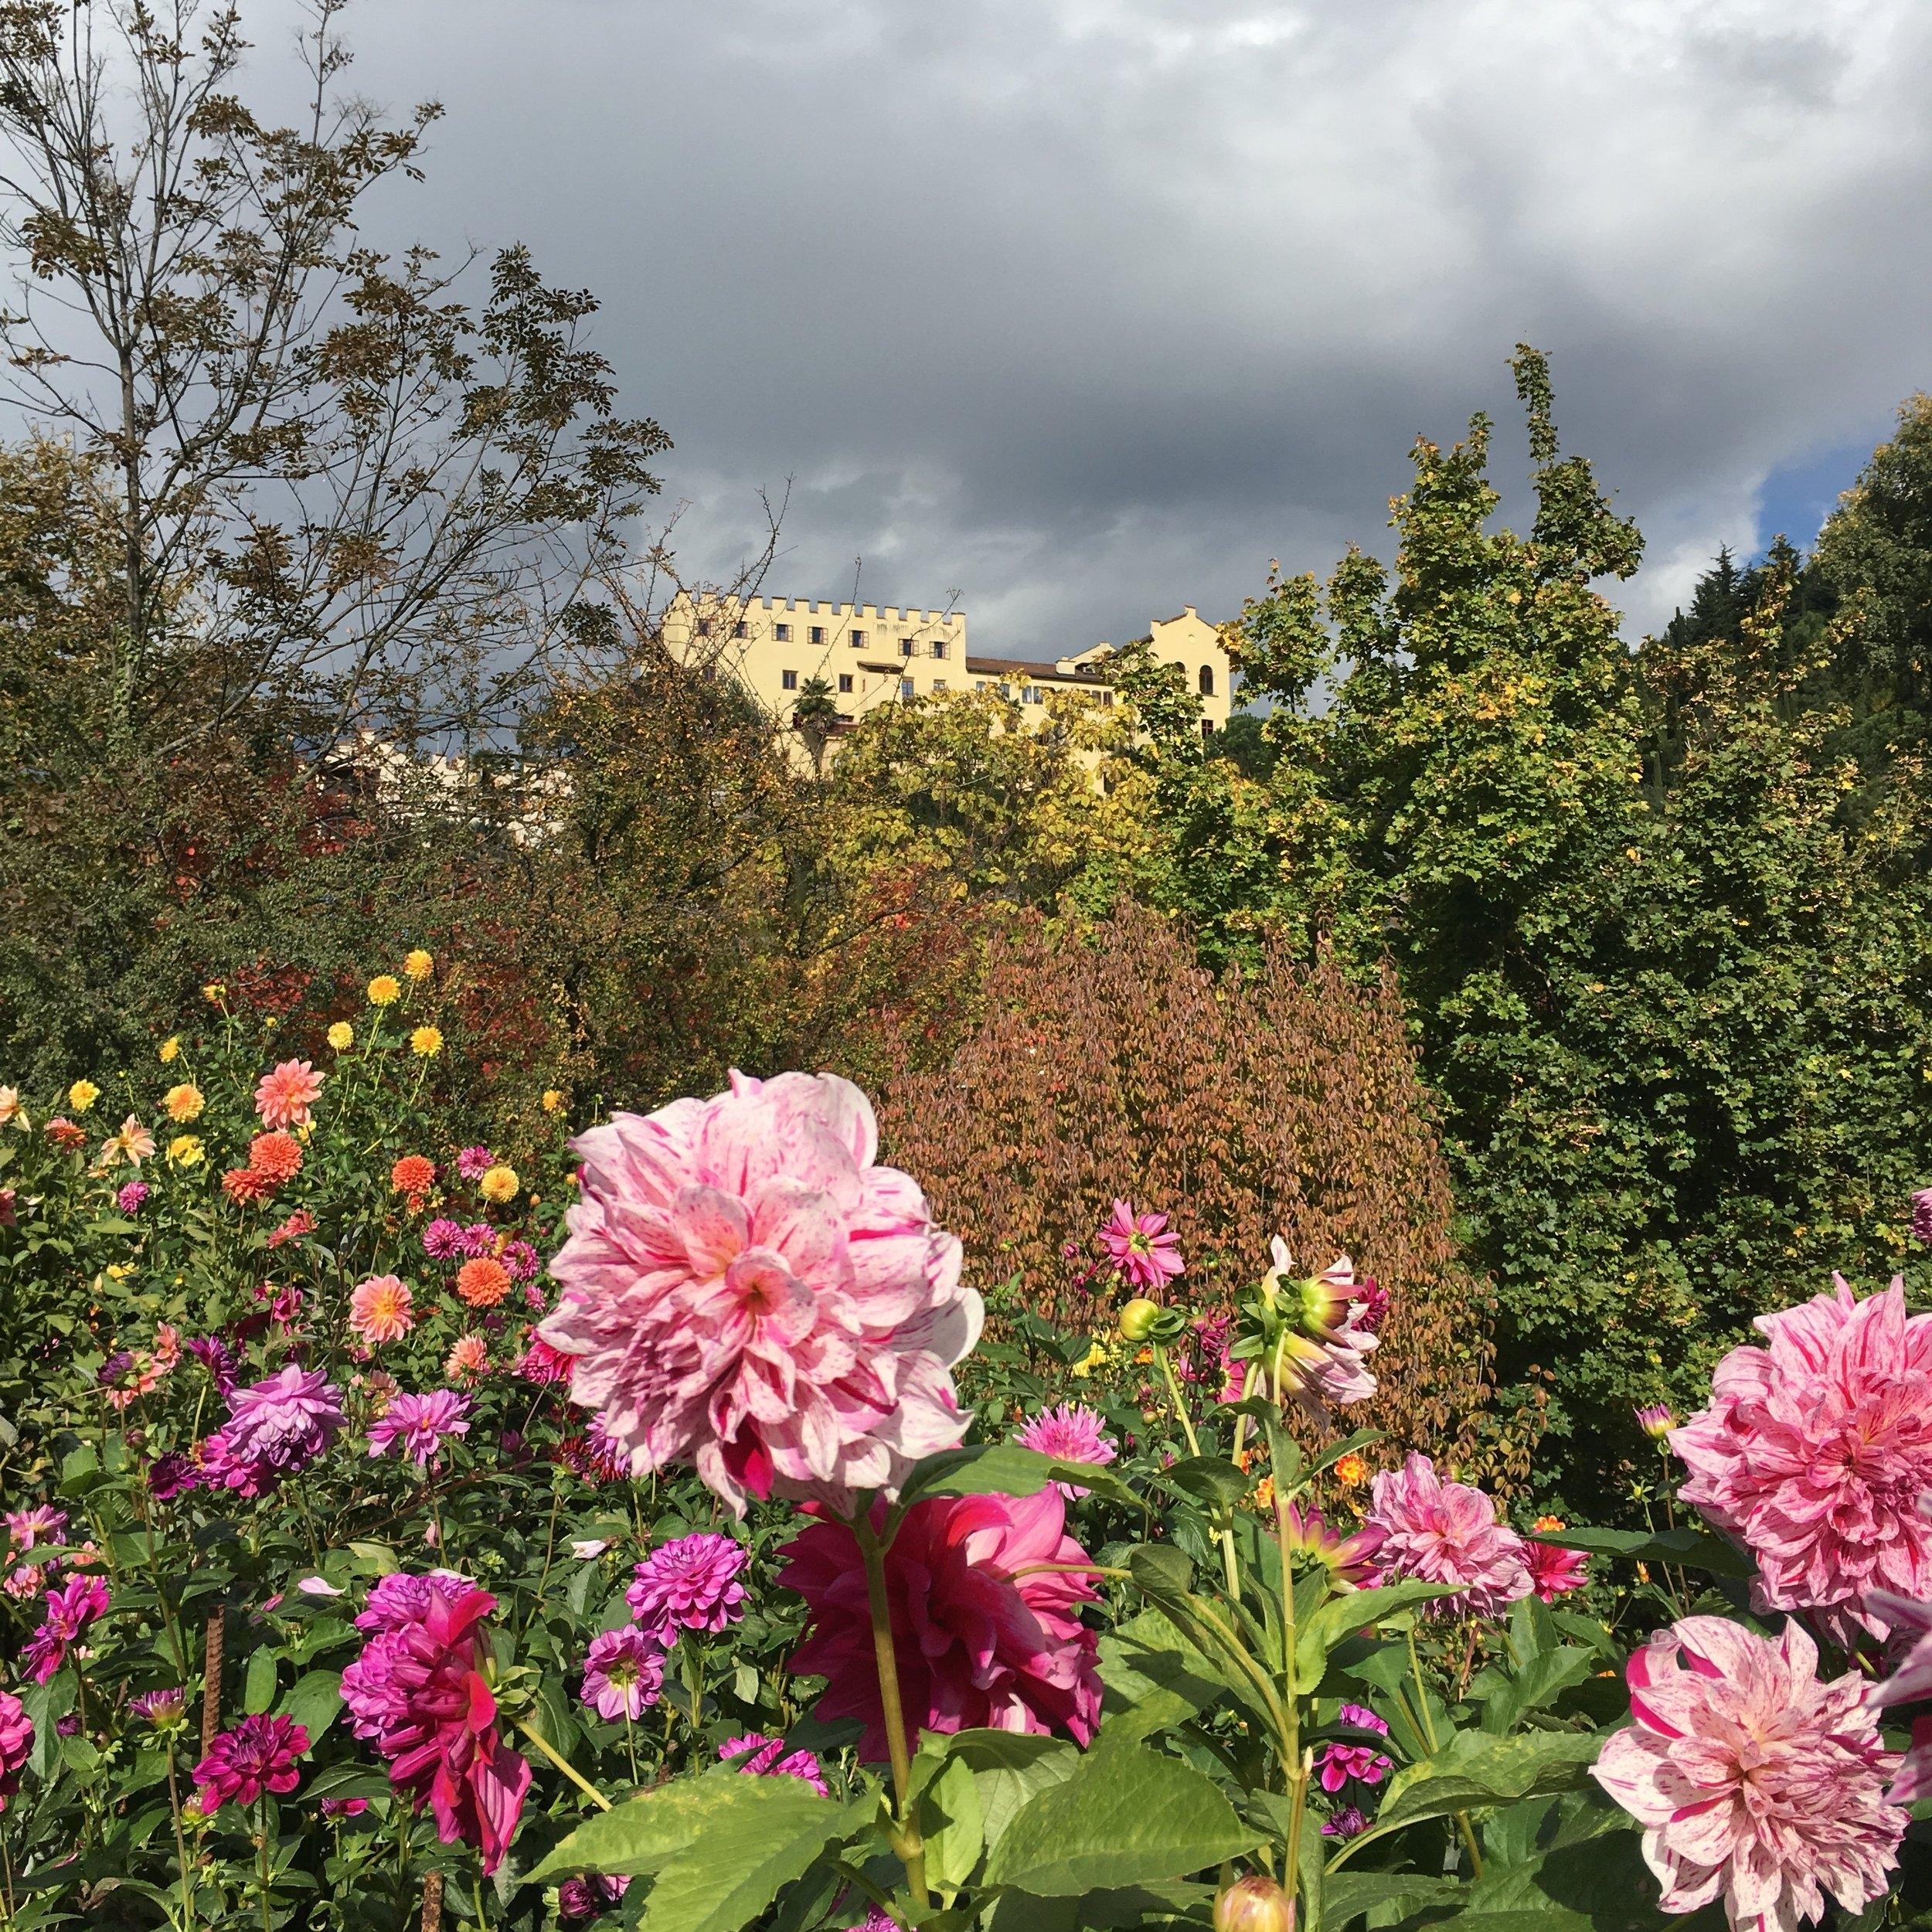 El castillo Trauttmansdorff, alberga además de un interesante museo sobre el desarrollo del turismo en esta región, un colorido y extenso jardín botánico. Nos encantó pues tiene áreas interactivas para los niños sin dejar de ser un paraíso para los amantes de la flora. Foto: Bruny Nieves